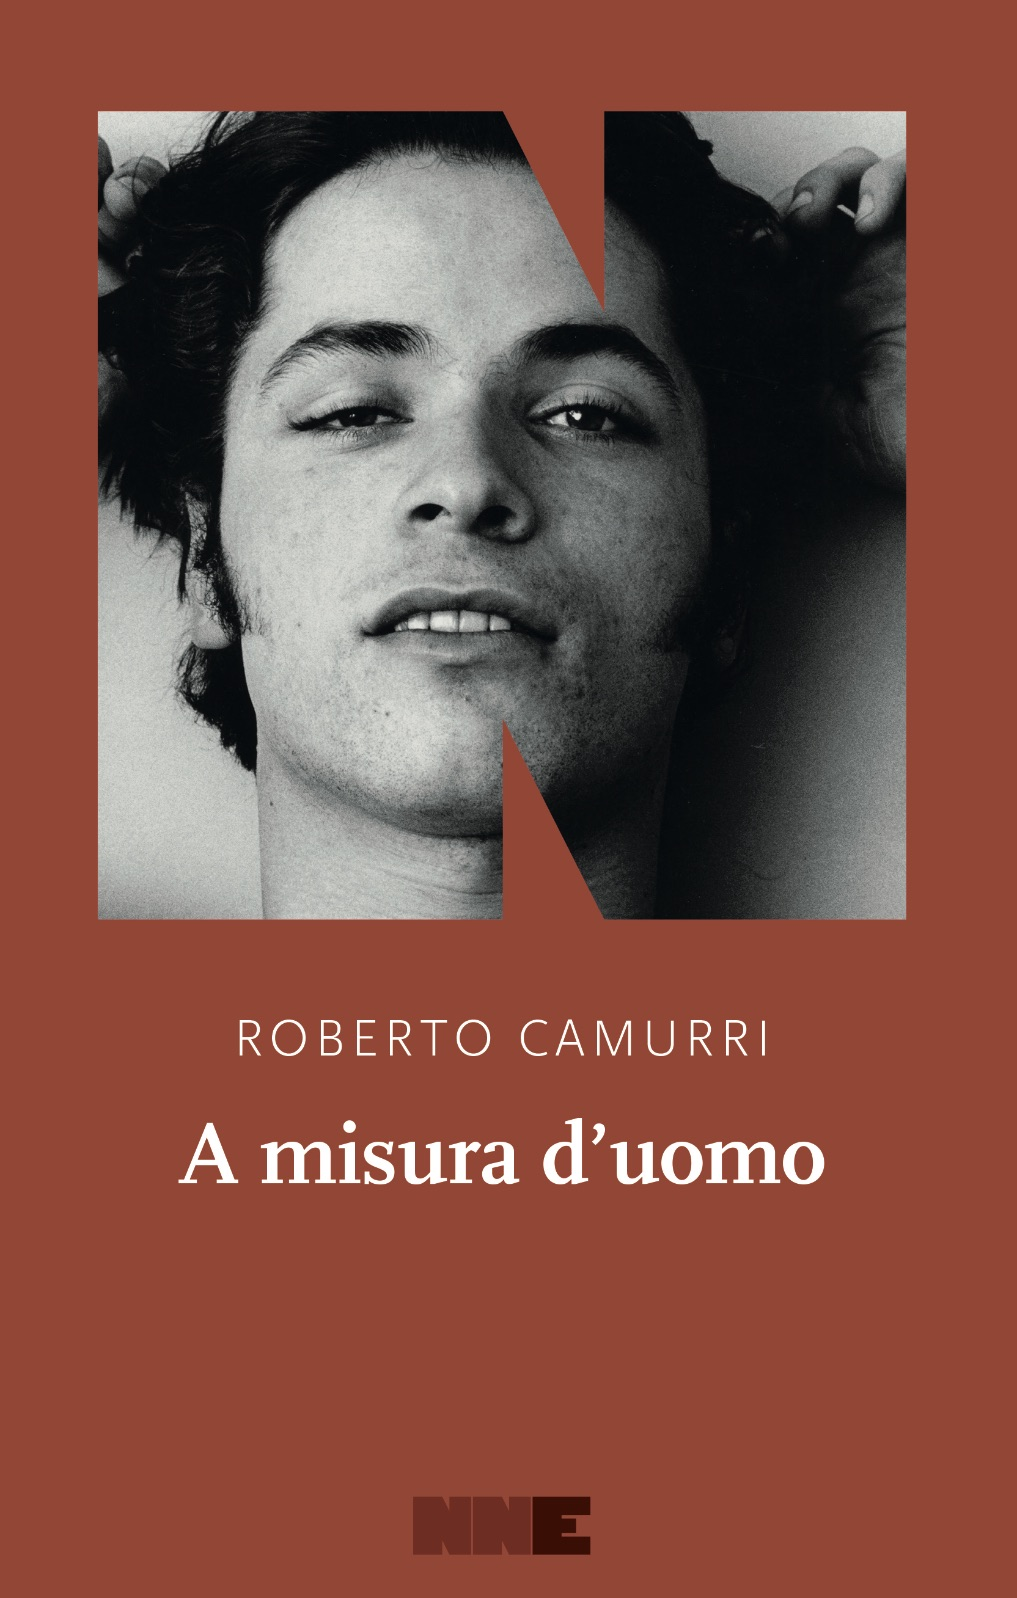 Roberto Camurri, uno stile inconfondibile - NN Editore - L'inchiesta - Video recensione